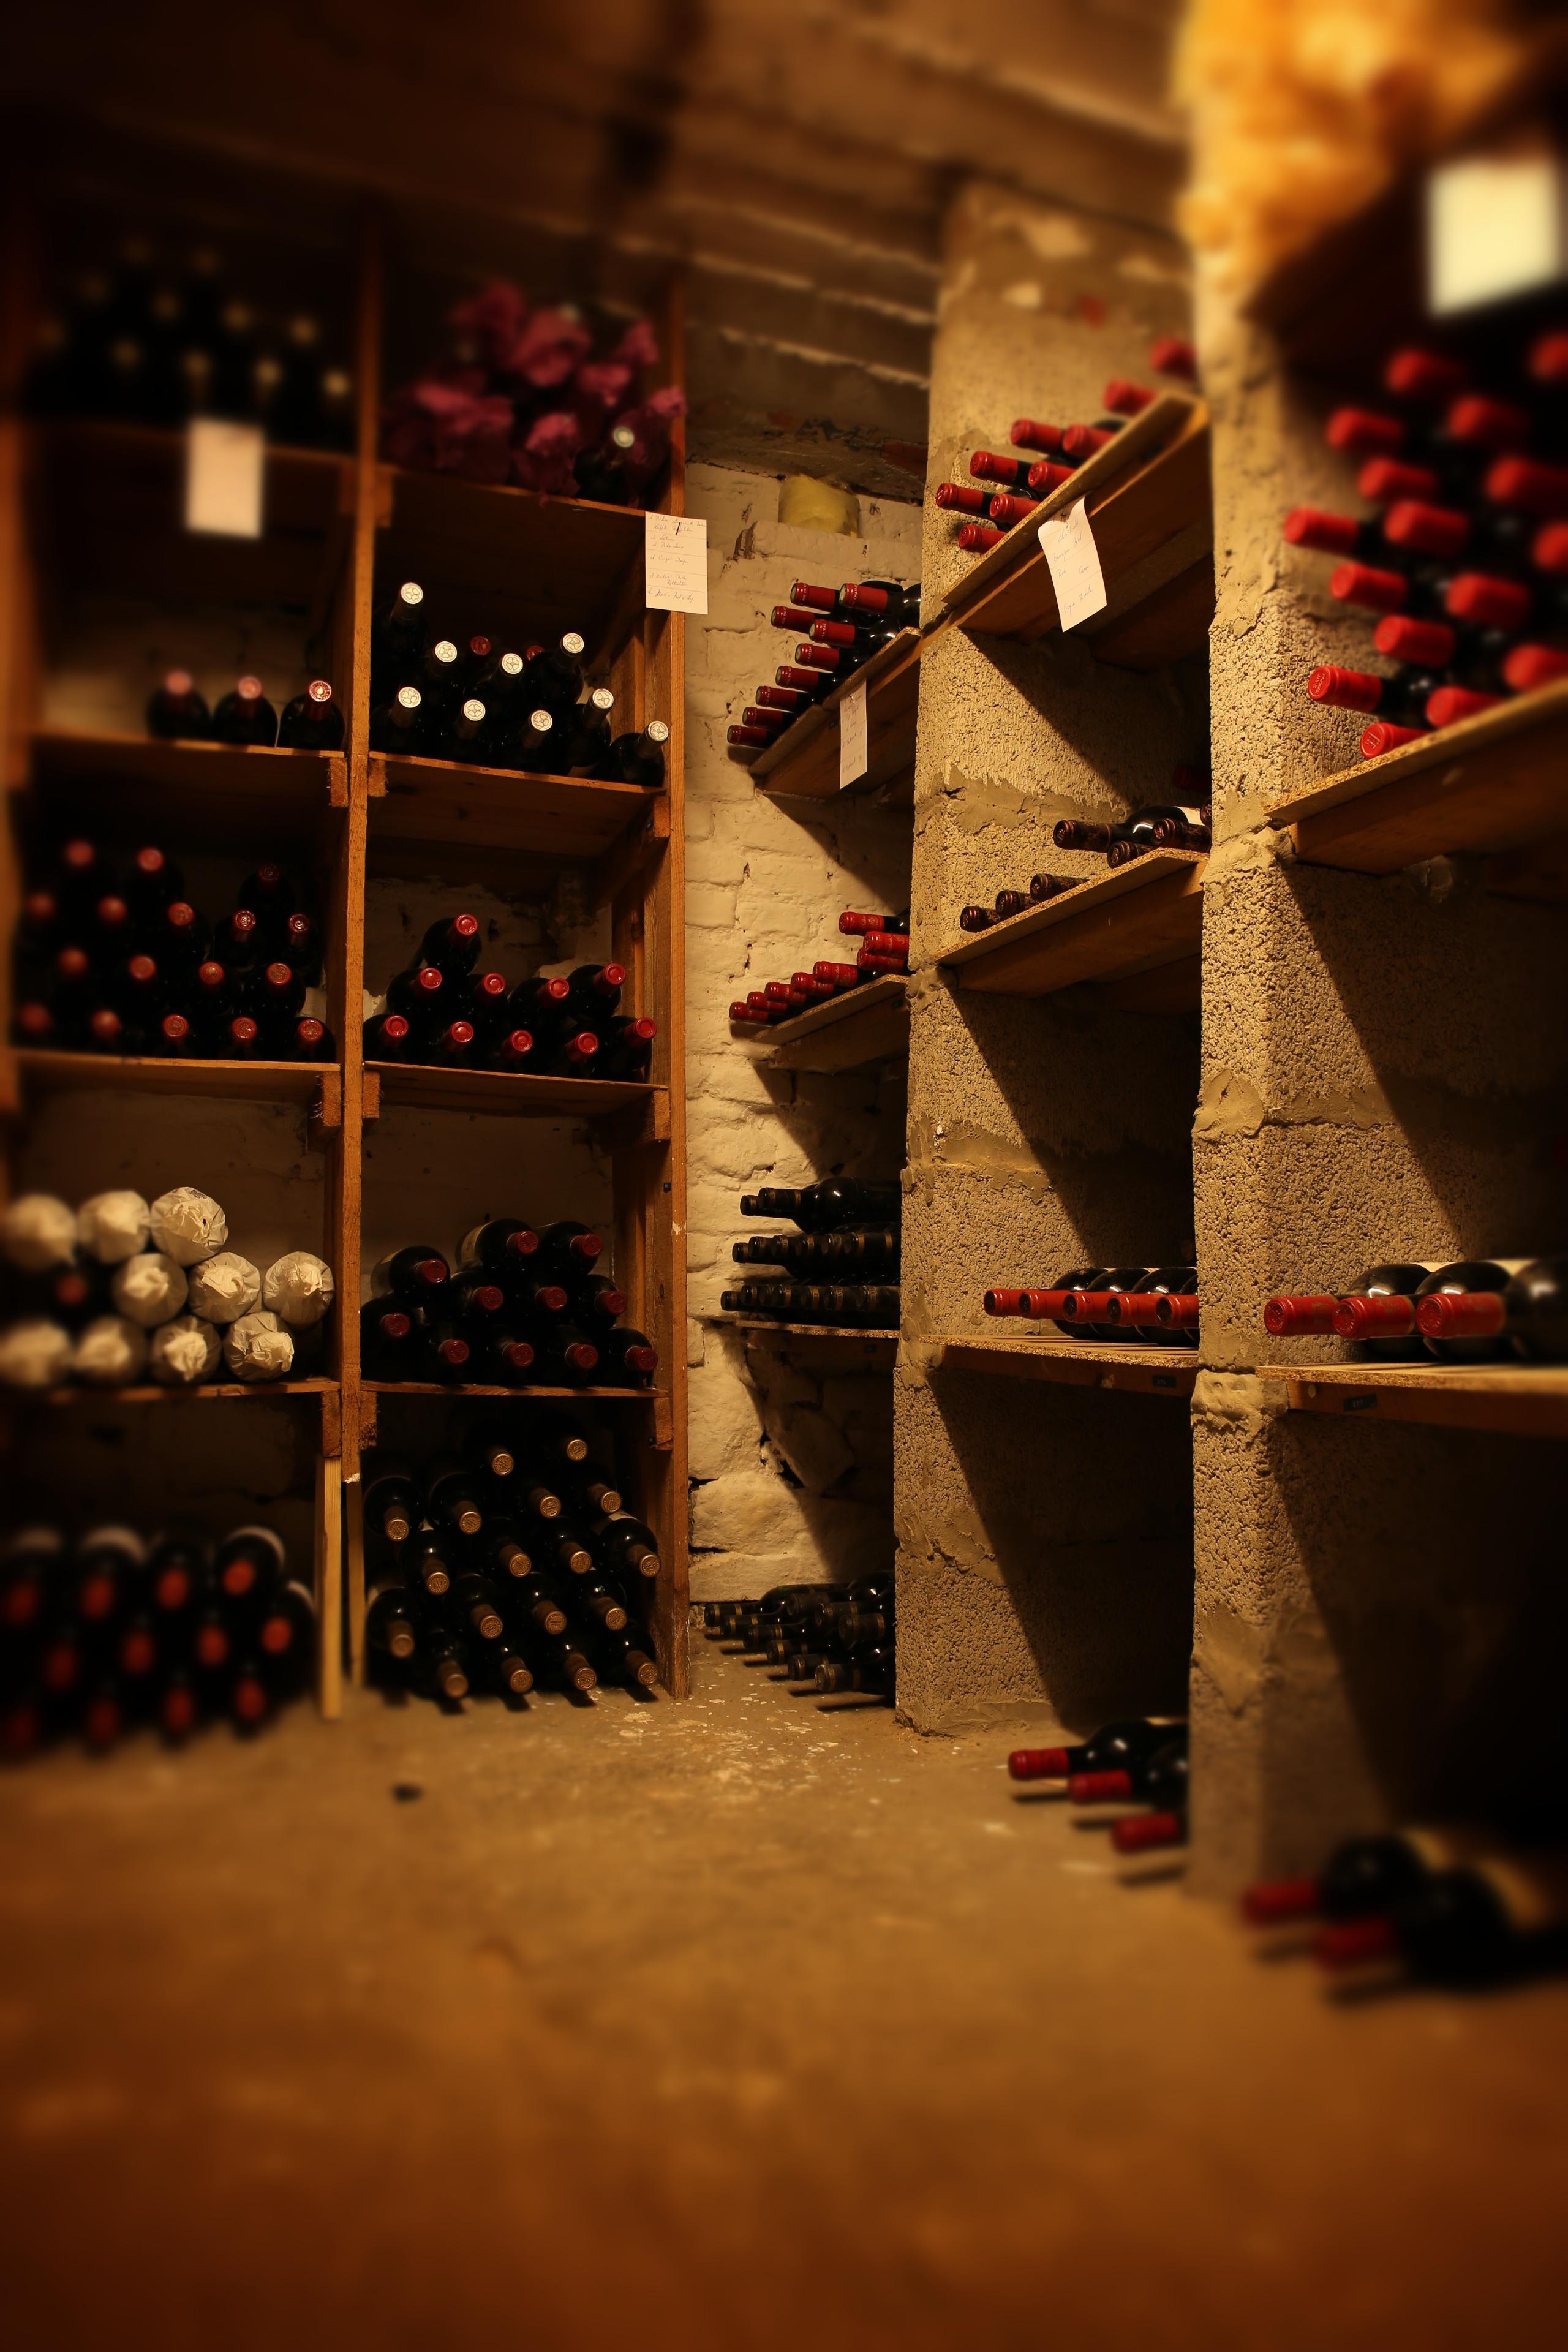 Wijnkelder-10